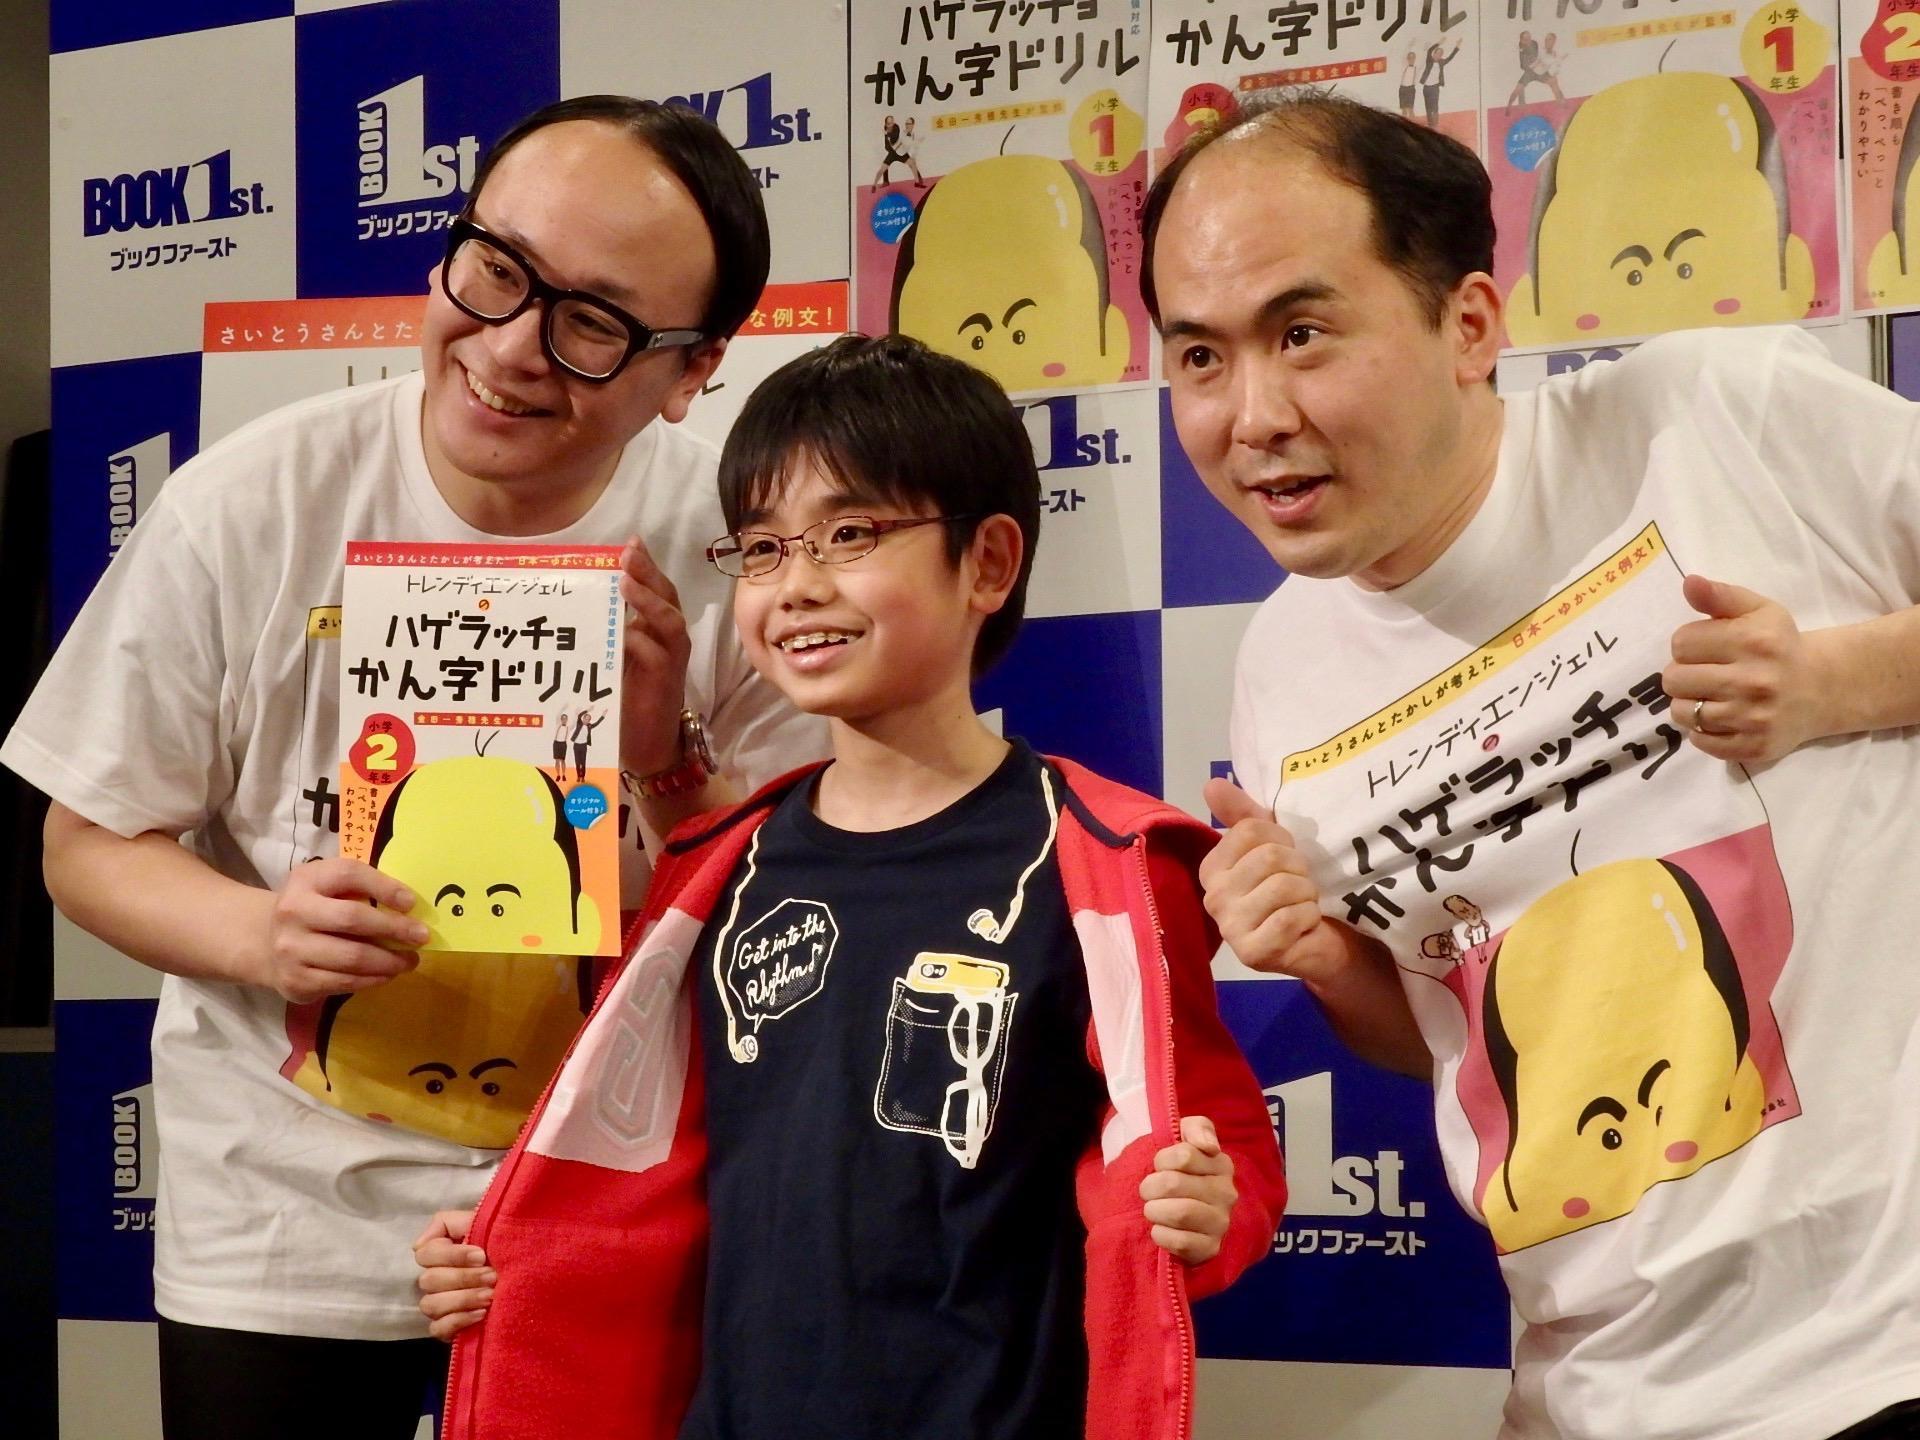 http://news.yoshimoto.co.jp/20180412000412-bf317c998372f1e90d4c17ecb7a2f5ab56a2b9d3.jpg